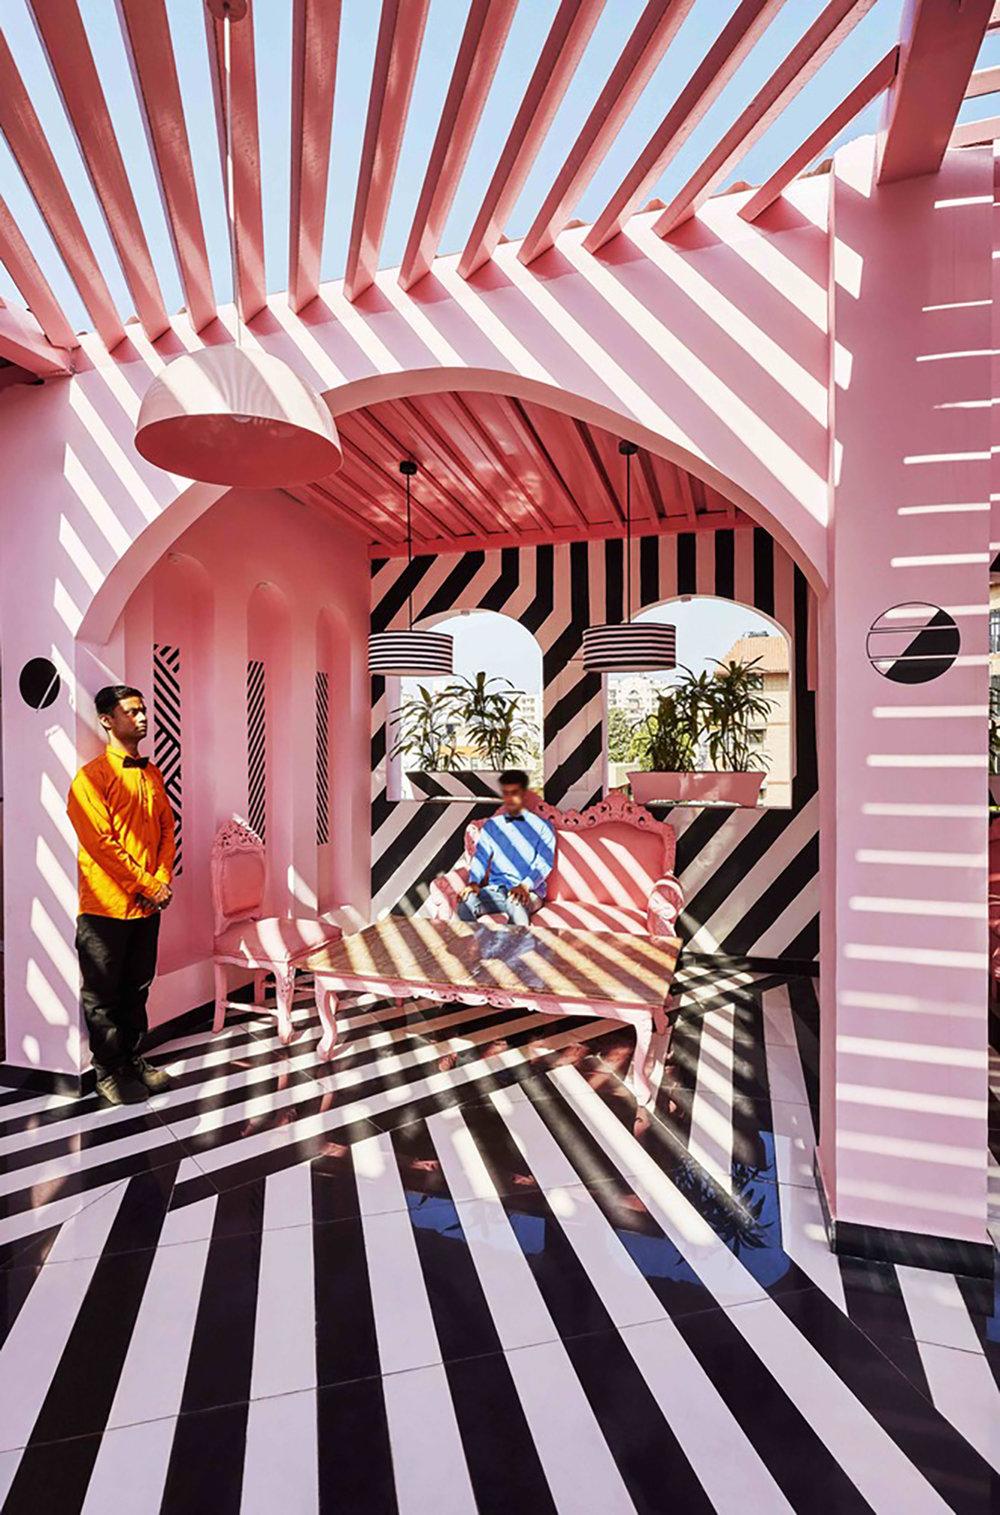 viventium-design-zac-kraemer-pink-zebra-retail-design-5.jpg